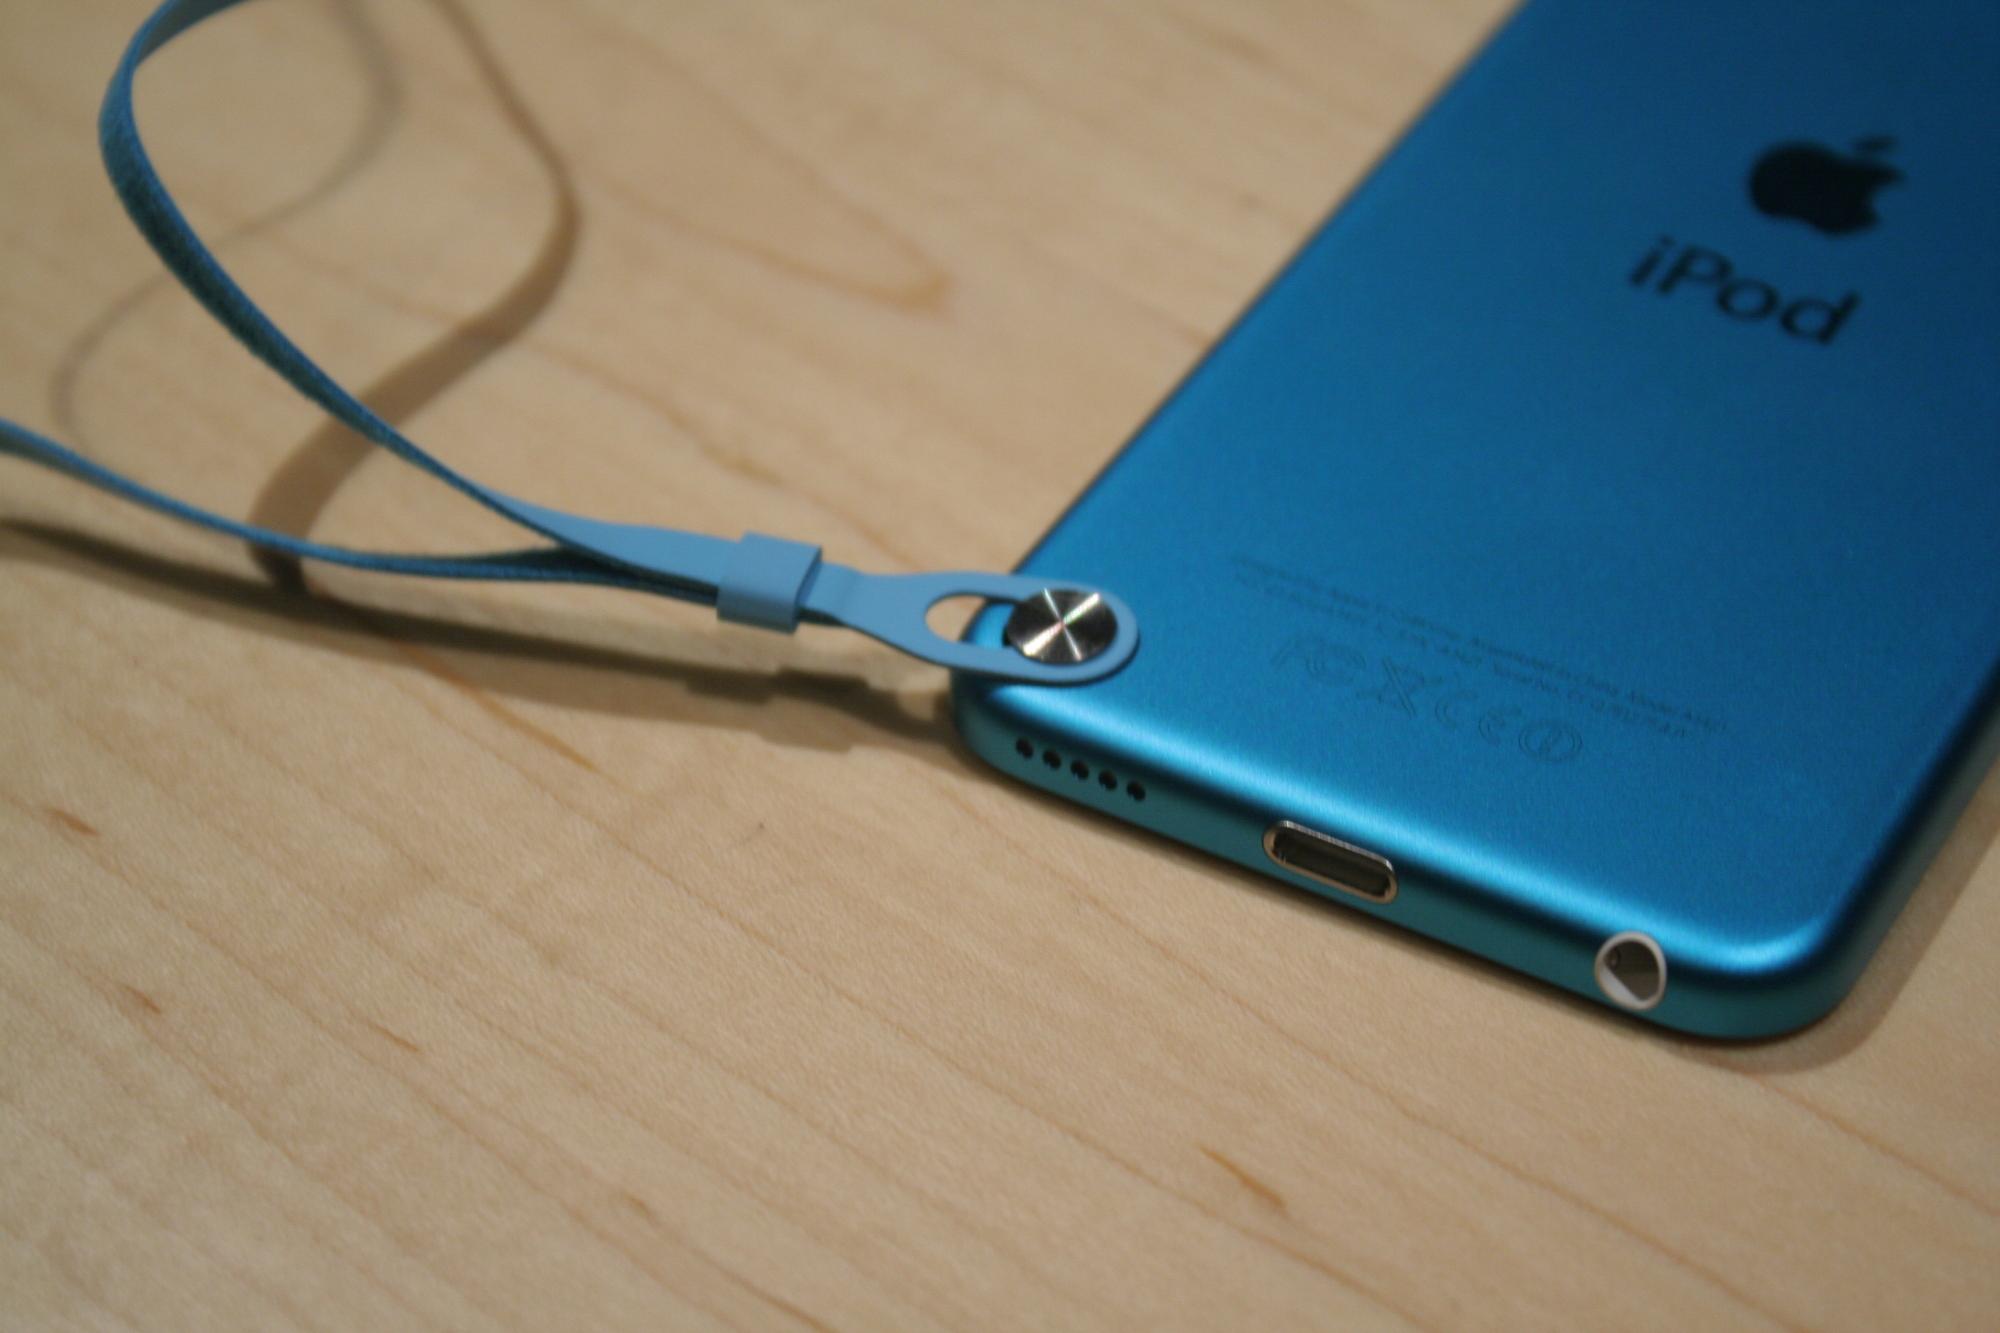 Het polsbandje van de nieuwe iPod touch